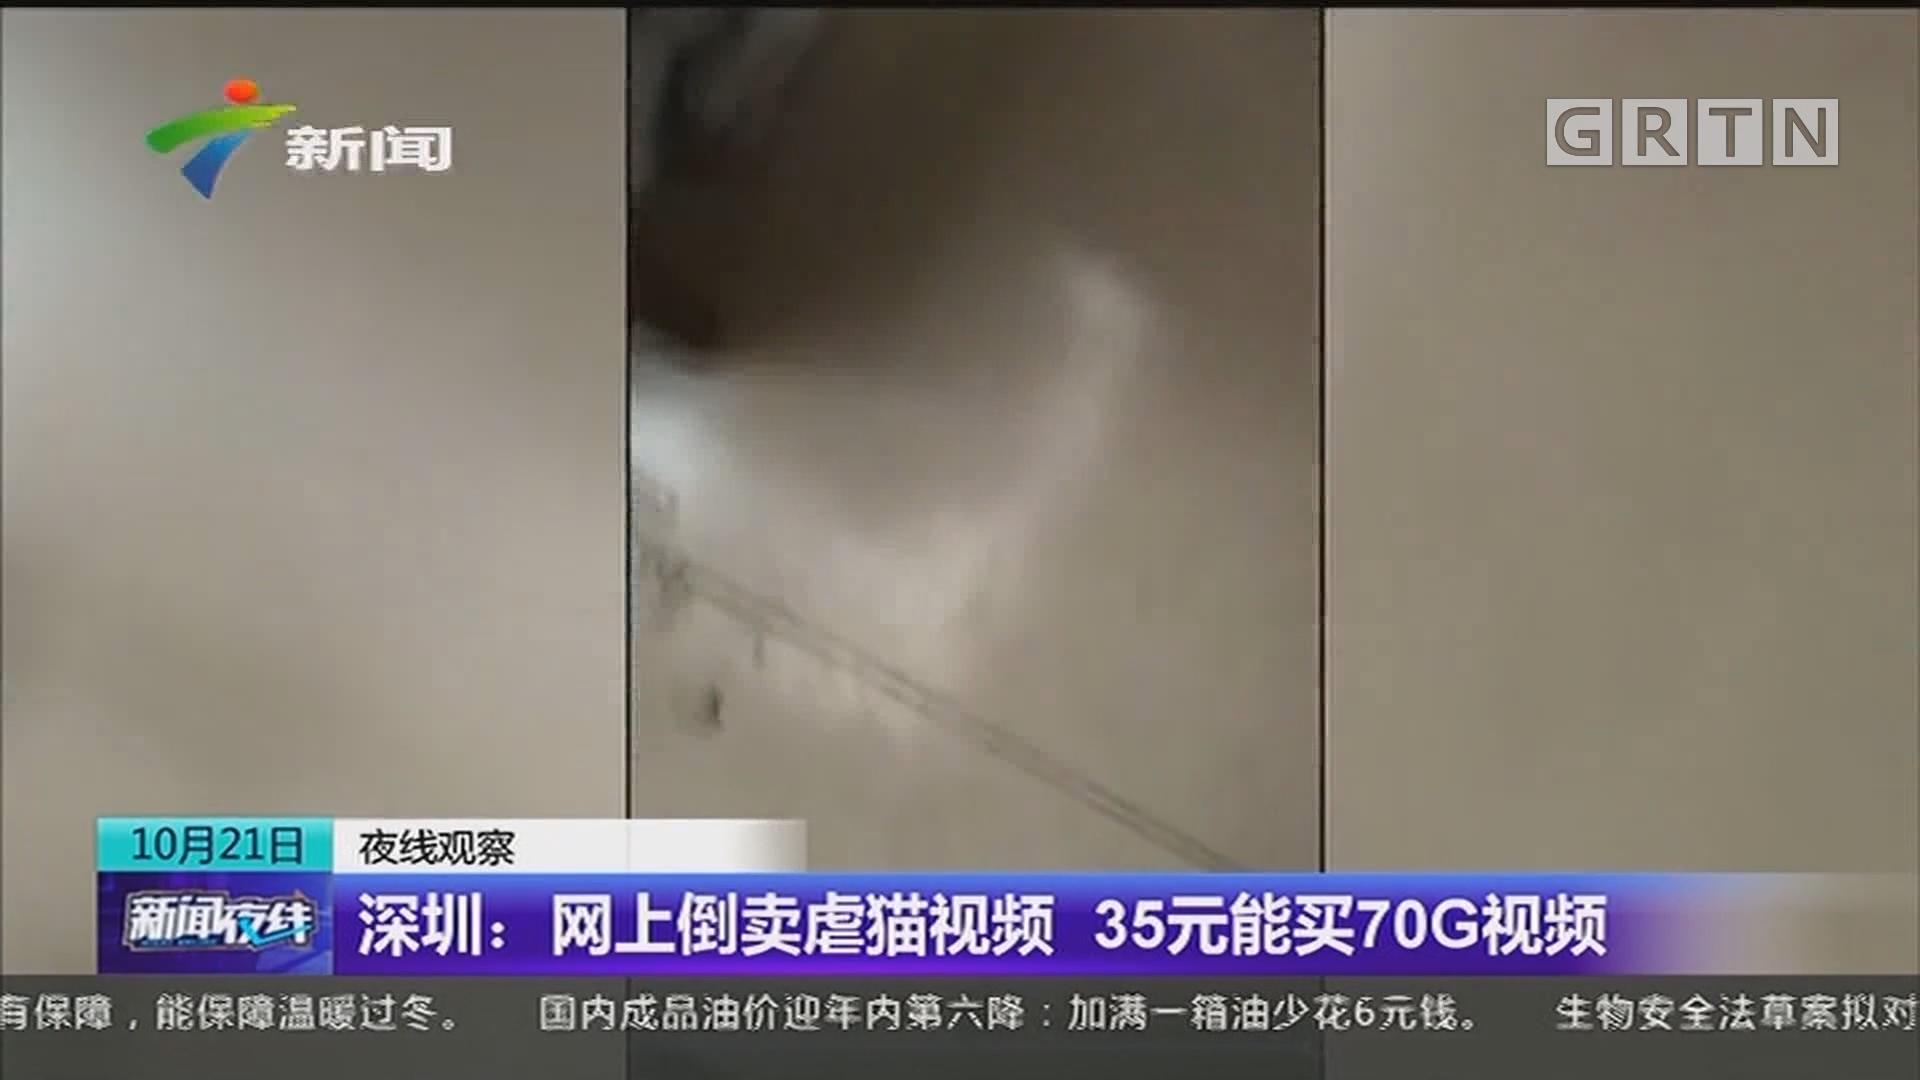 深圳:网上倒卖虐猫视频 35元能买70G视频